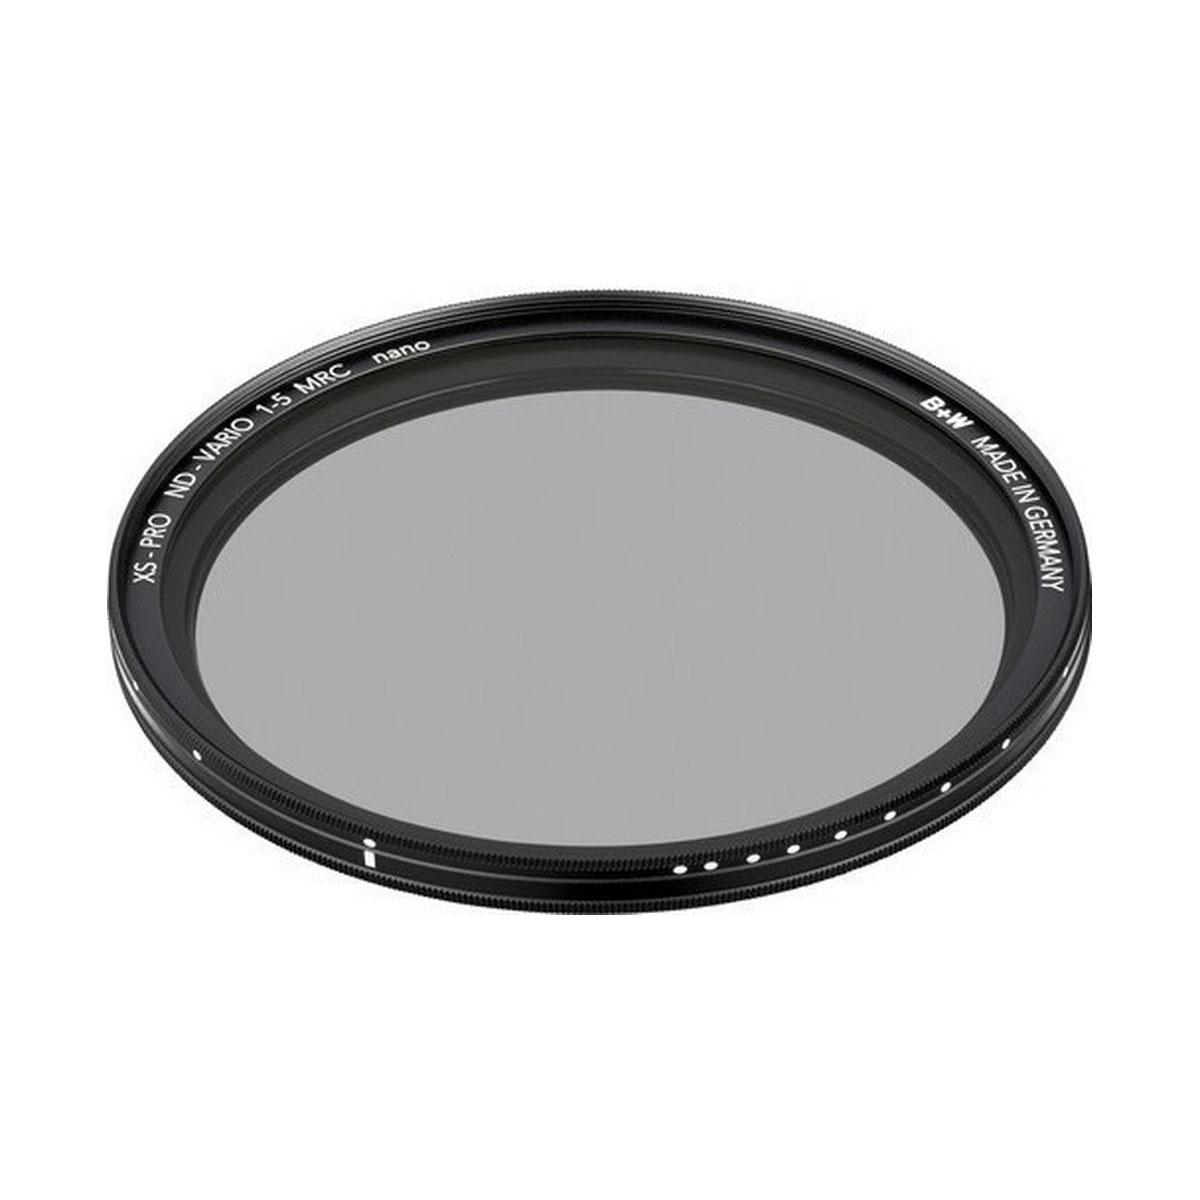 B+W Graufilter Vario 55mm MRC